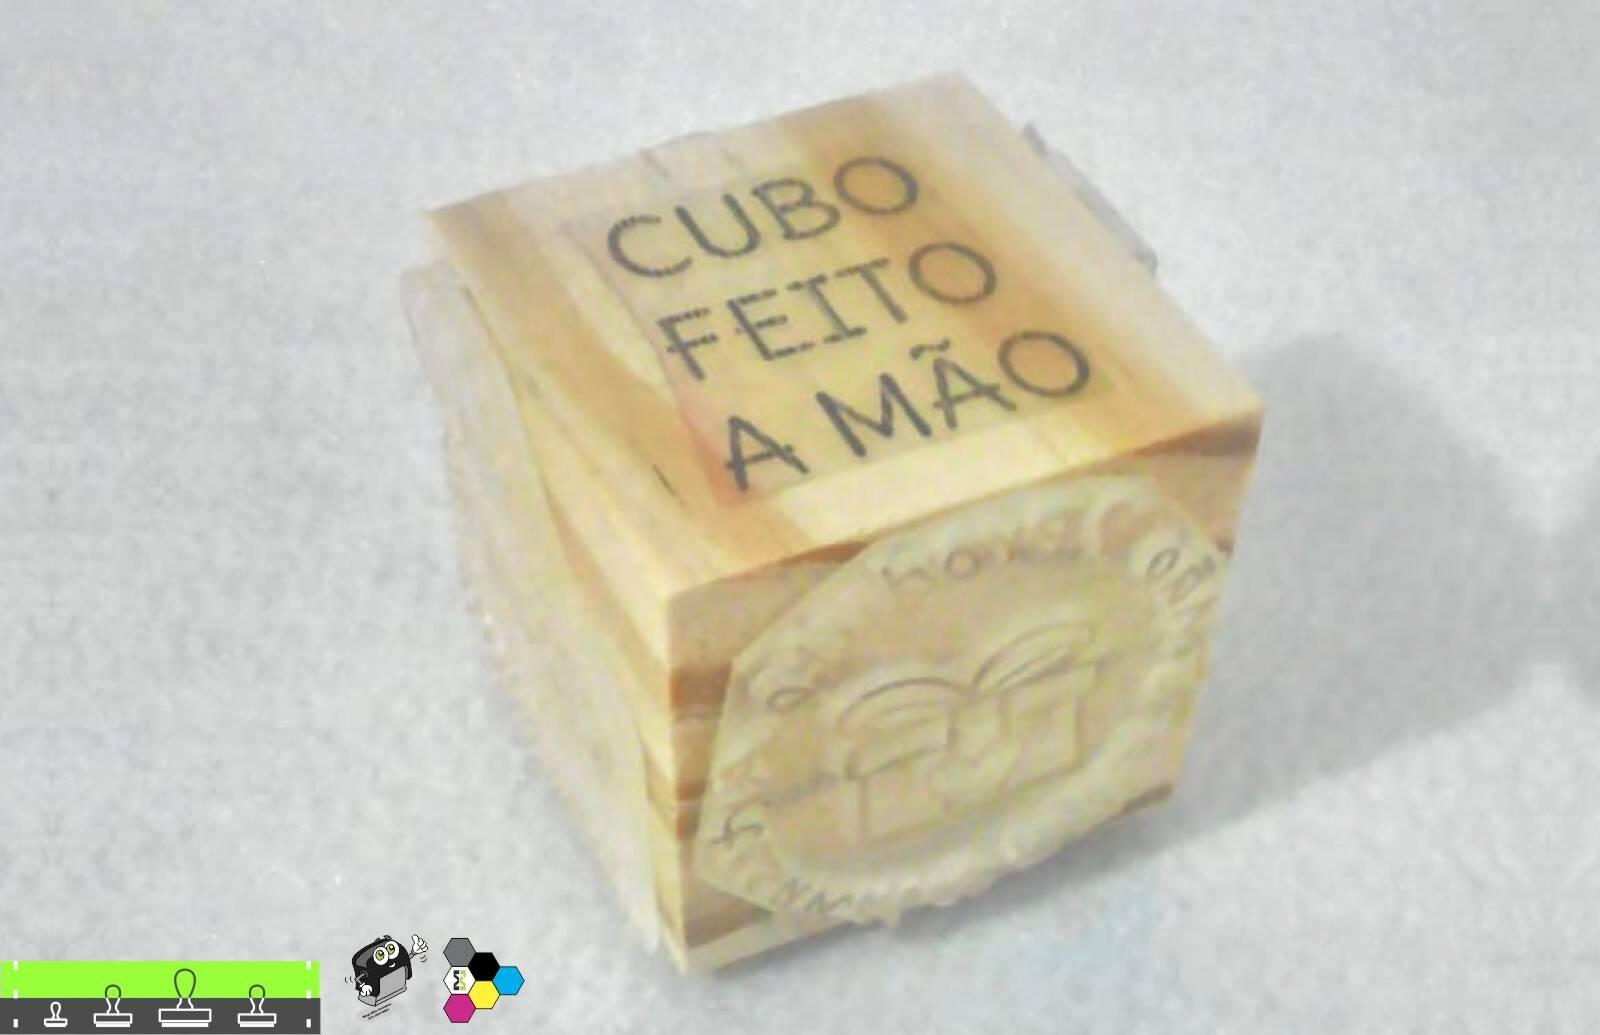 Carimbos Cubo 5x1 Tema Feito a Mão